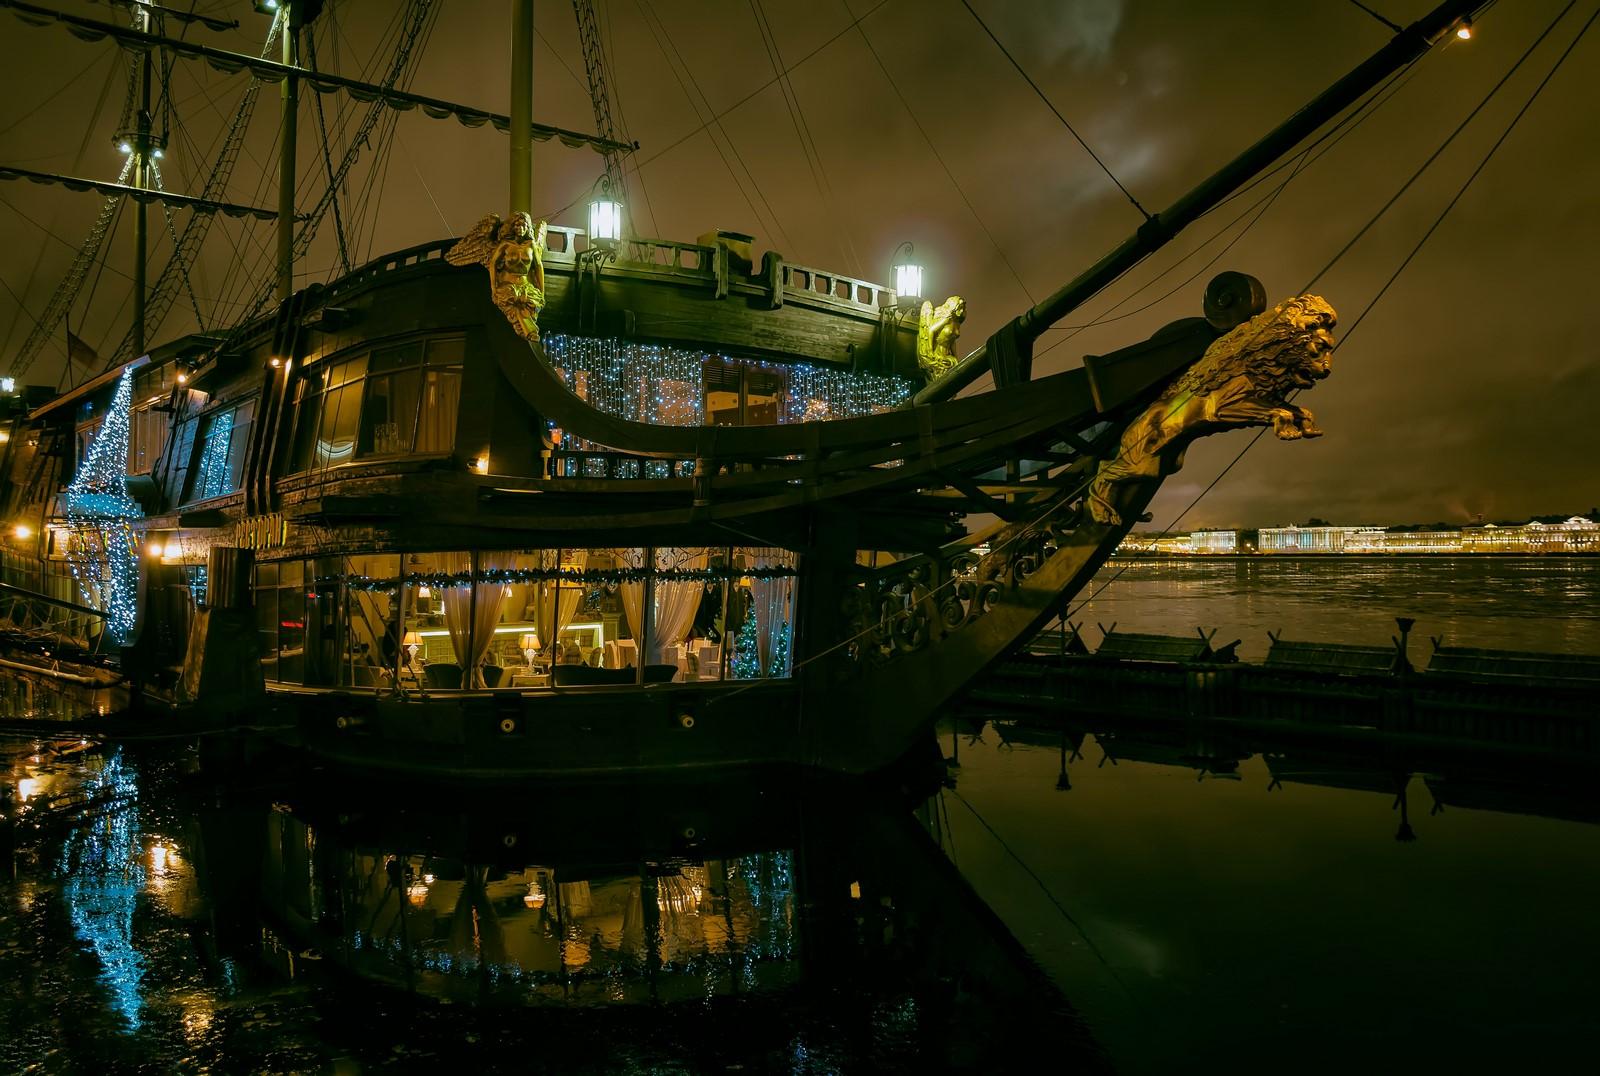 сообщил питер фото ресторан корабль фотографы